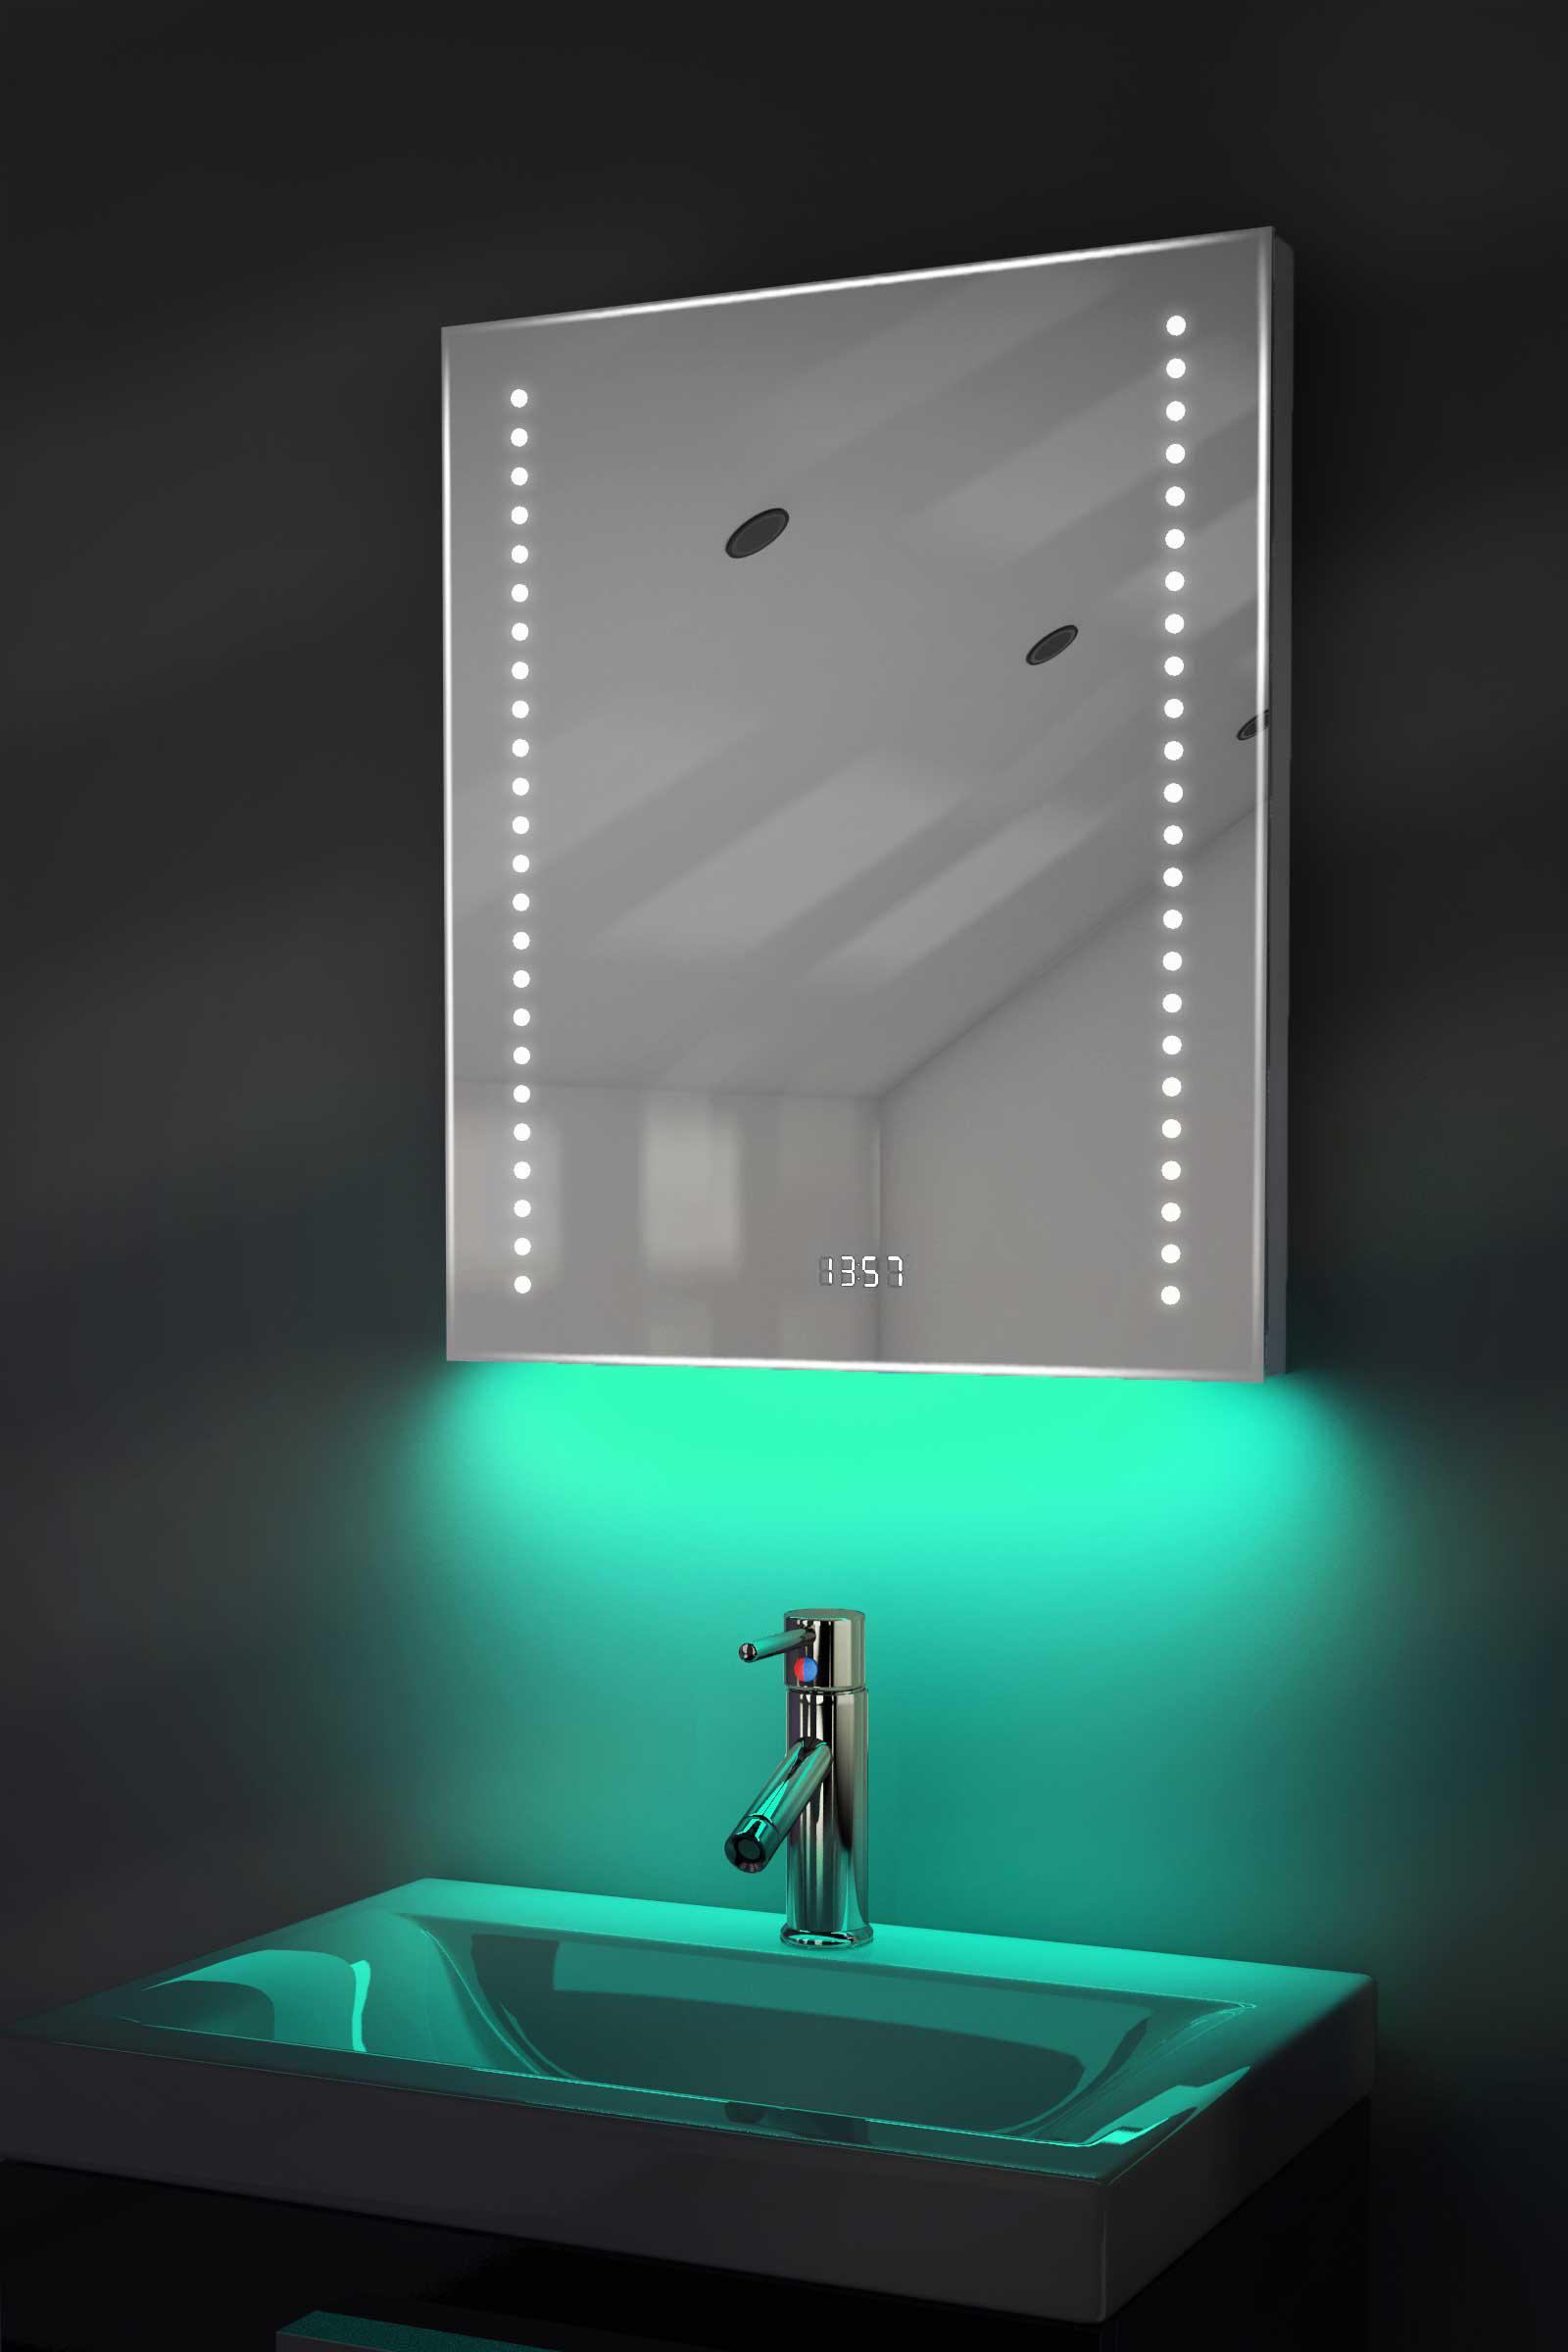 badspiegel mit uhr rgb beleuchtung heizung sensor. Black Bedroom Furniture Sets. Home Design Ideas